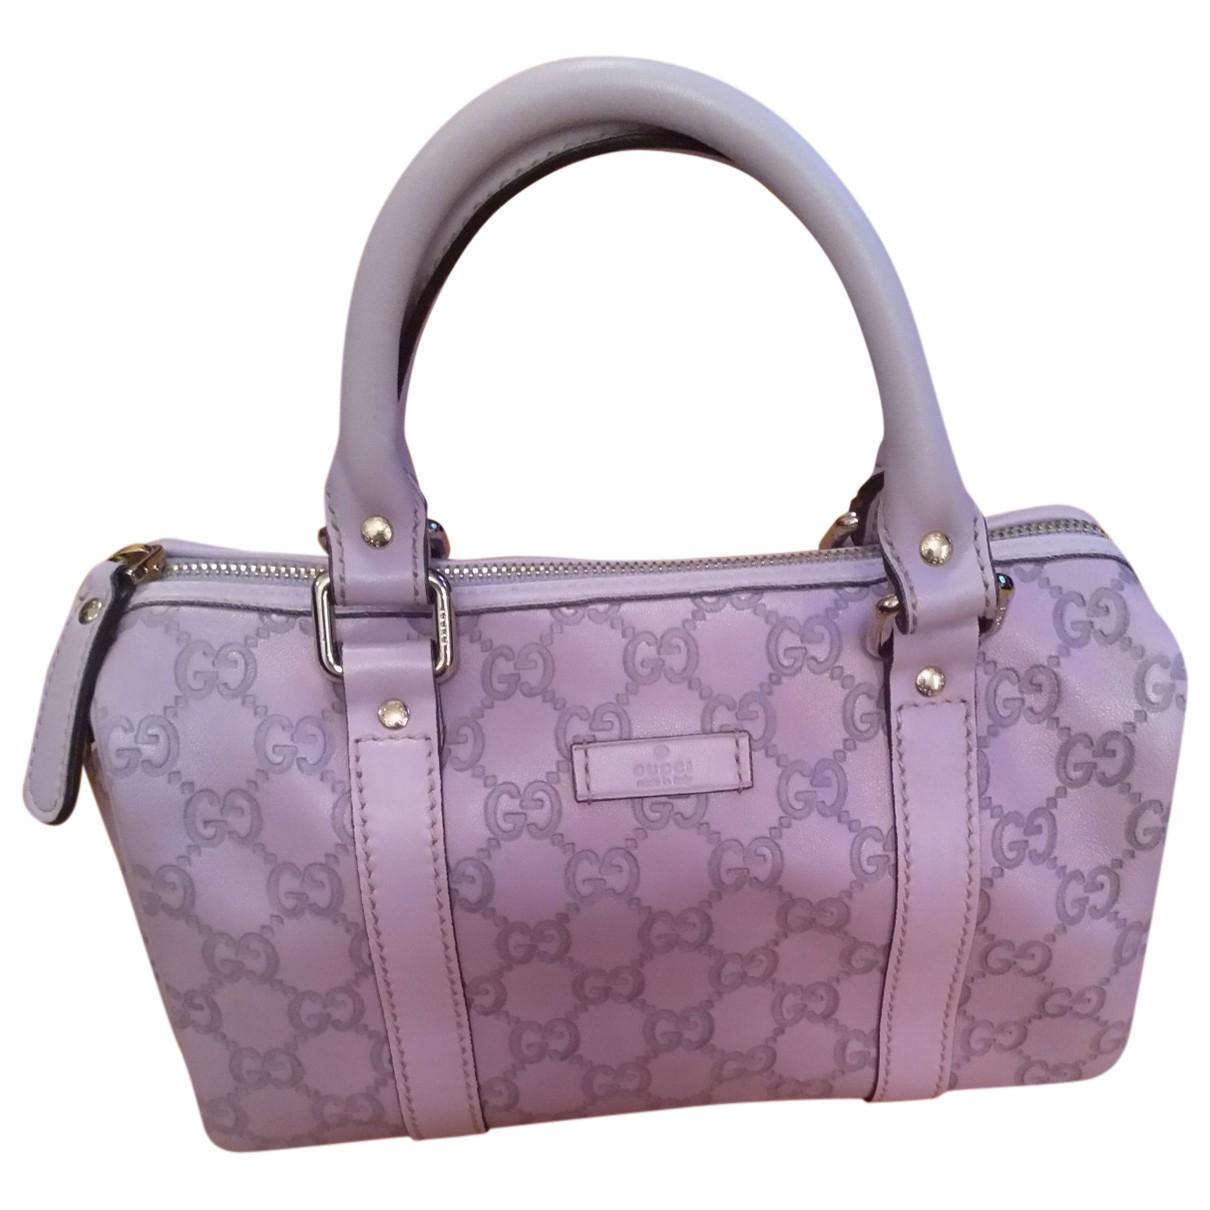 Gucci - Sac a main Boston pour femme en cuir - violet